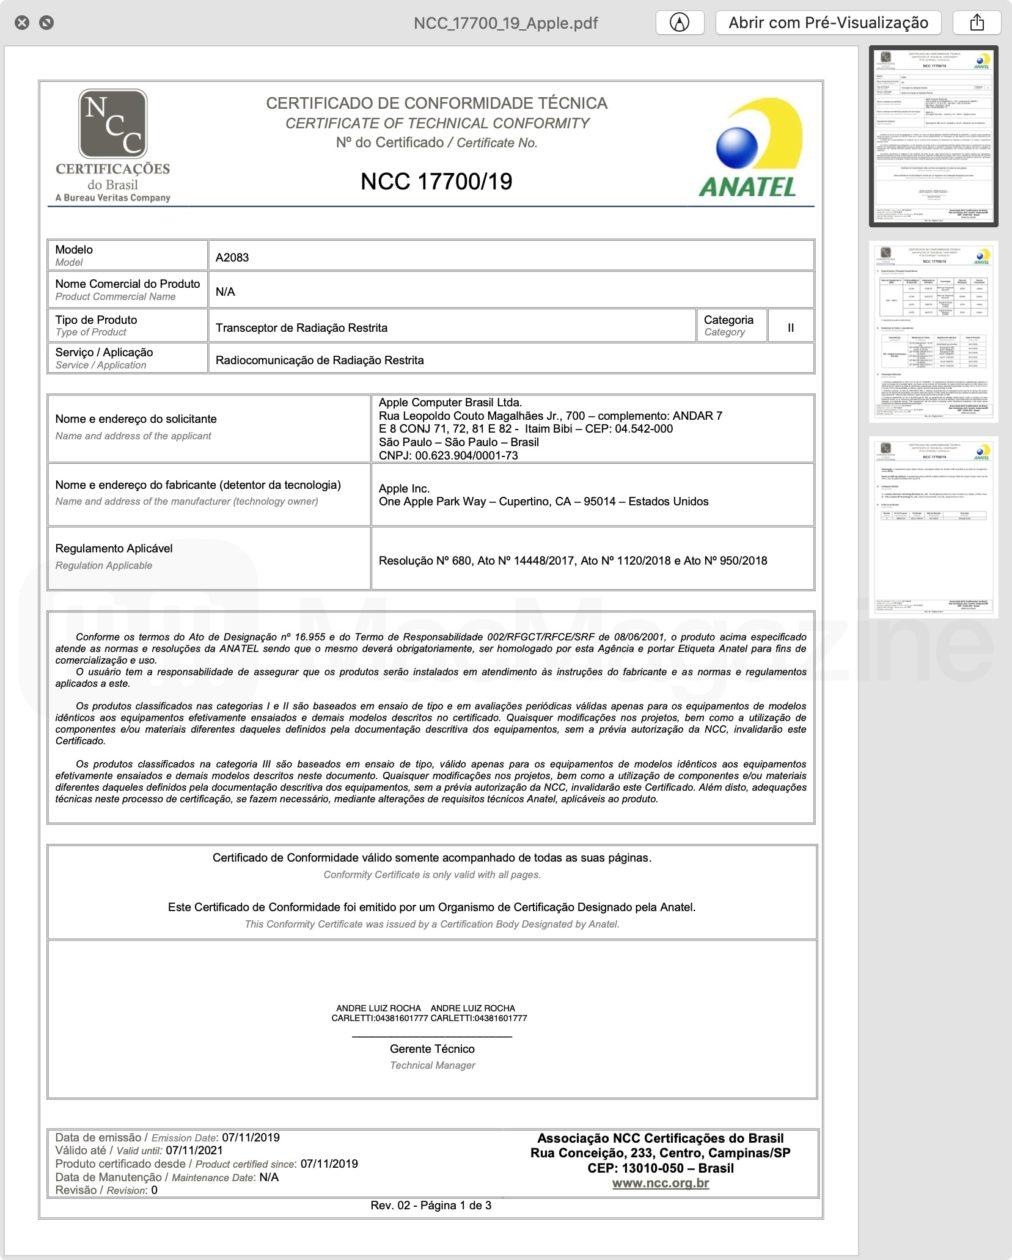 Certificado de Conformidade Técnica dos AirPods Pro